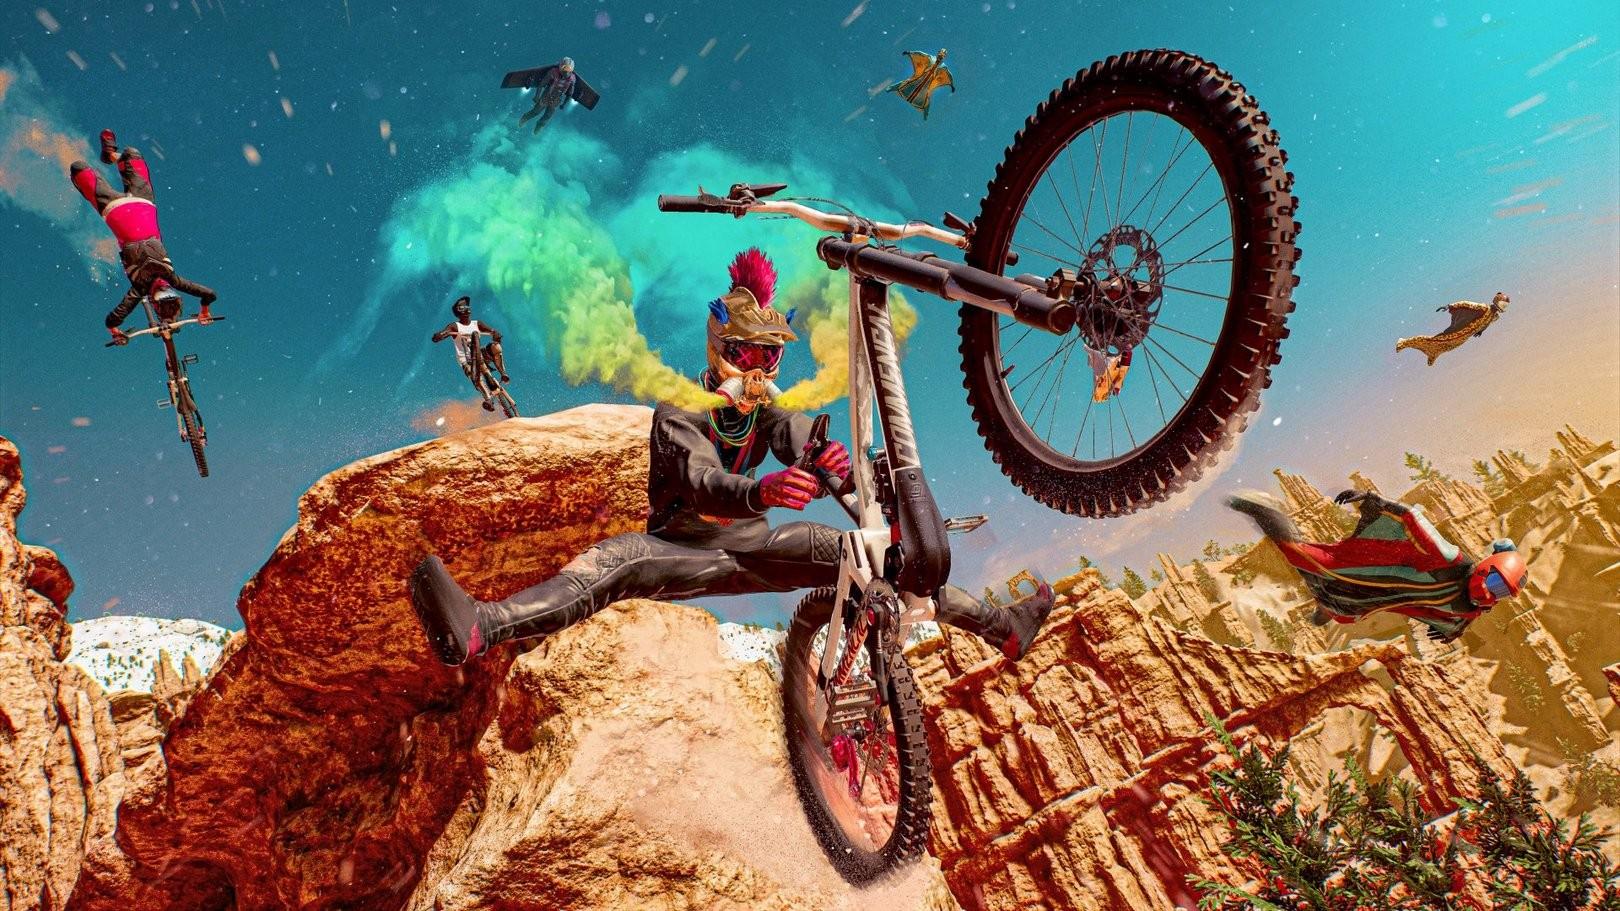 Радость для экстремалов геймплей Riders Republic на PS5 и суперкачестве